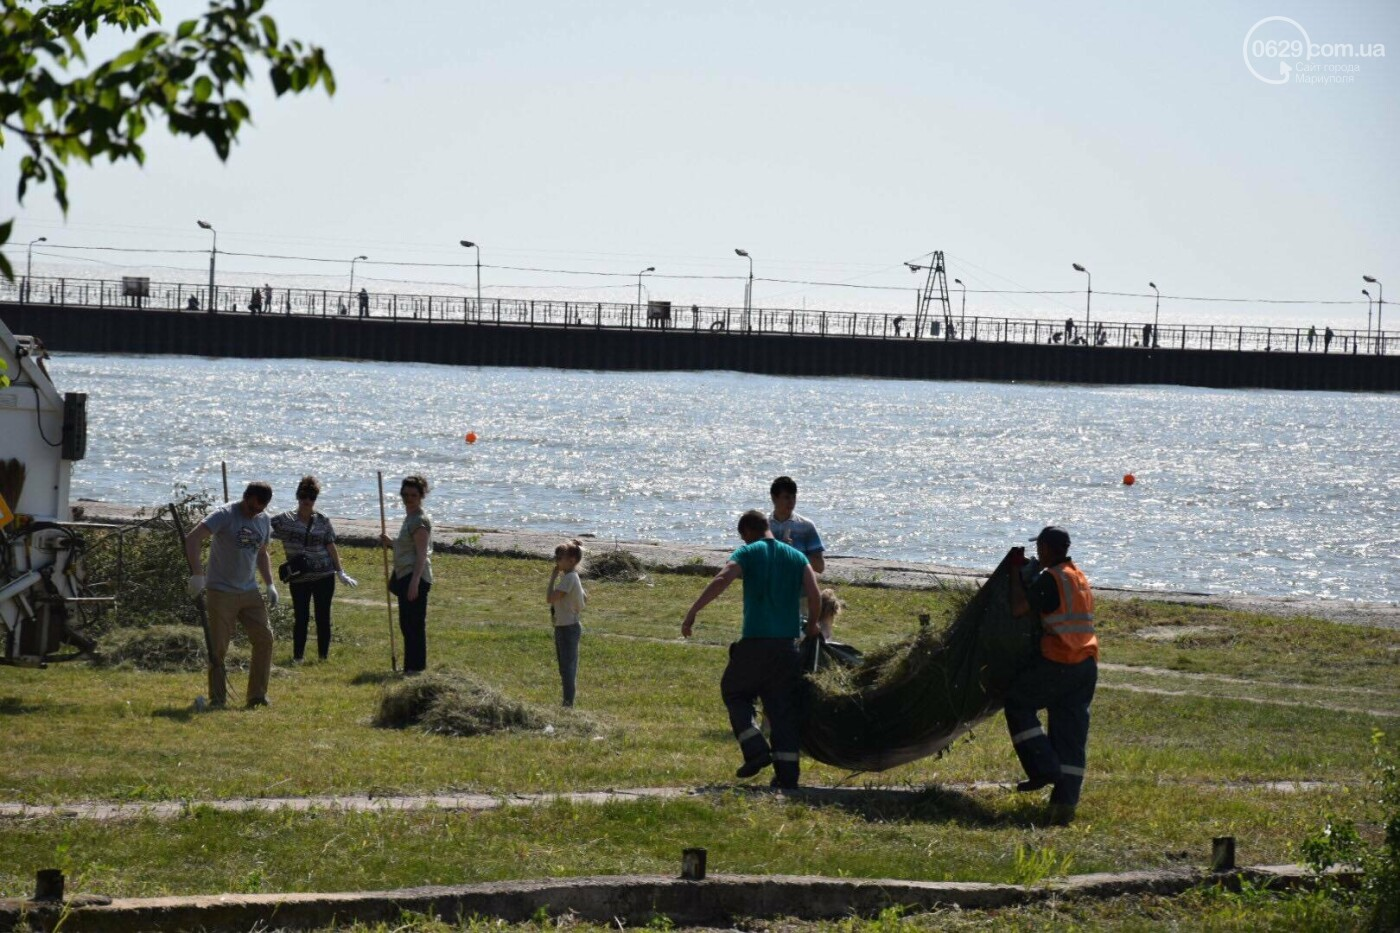 Мариупольцы устроили толоку возле моря, - ФОТО, ВИДЕО, фото-7